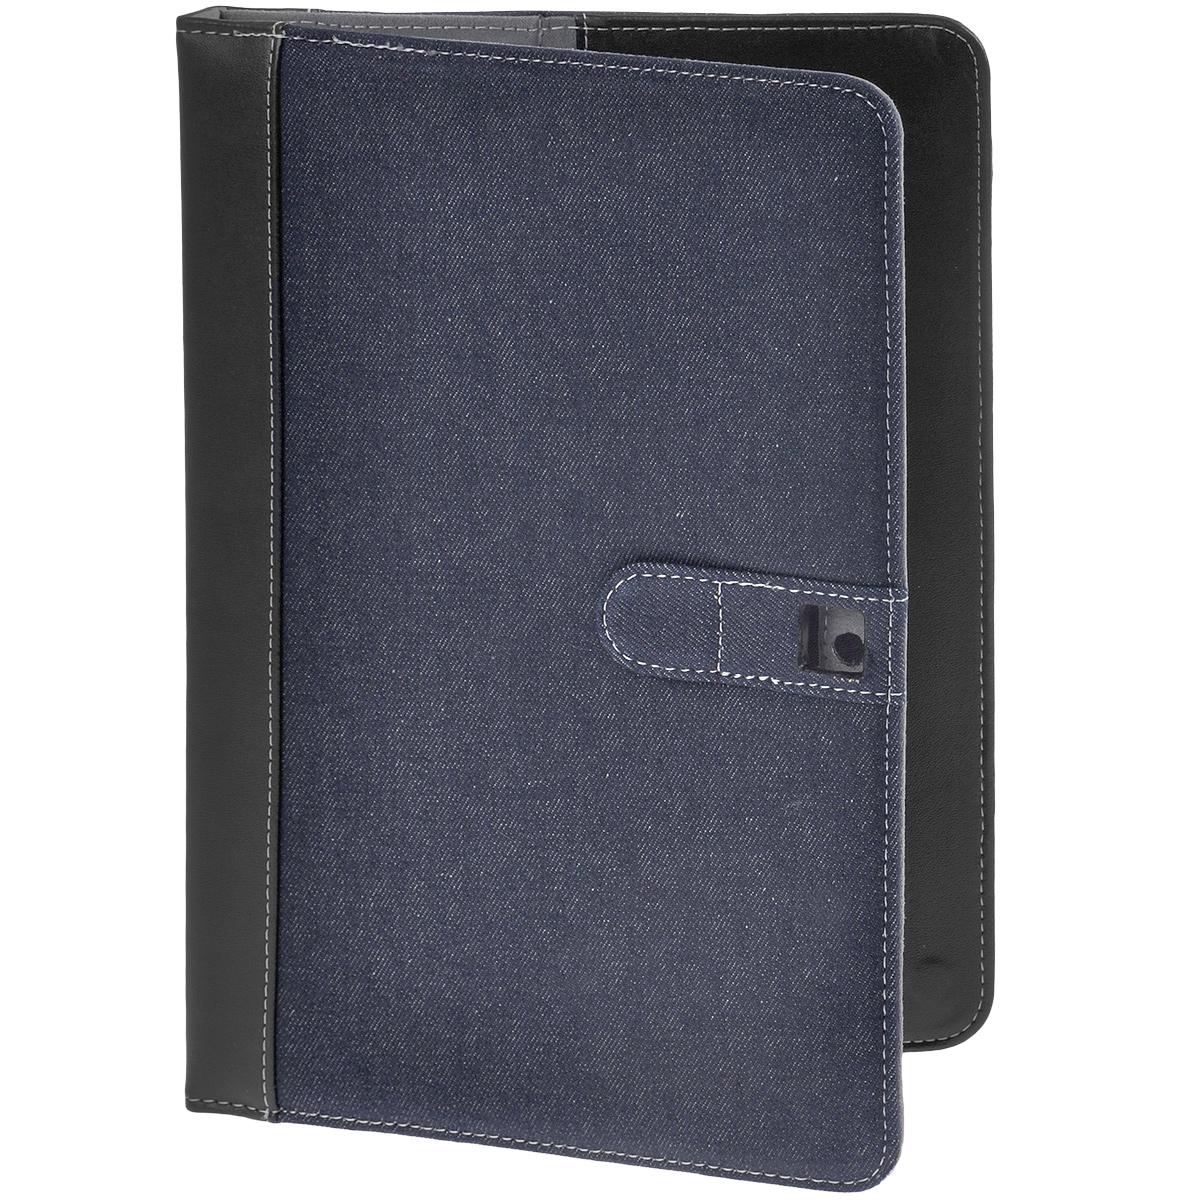 IT Baggage Jeans чехол для Prestigio Multipad 4 Diamond 10, Black BlueITPRE103-1Чехол IT Baggage Jeans для Prestigio Multipad 4 Diamond 10 - это стильный и лаконичный аксессуар, позволяющий сохранить планшет в идеальном состоянии. Надежно удерживая технику, обложка защищает корпус и дисплей от появления царапин, налипания пыли. Также чехол IT Baggage Jeans для Prestigio Multipad 4 Diamond 10 можно использовать как подставку для чтения или просмотра фильмов. Имеет свободный доступ ко всем разъемам устройства.